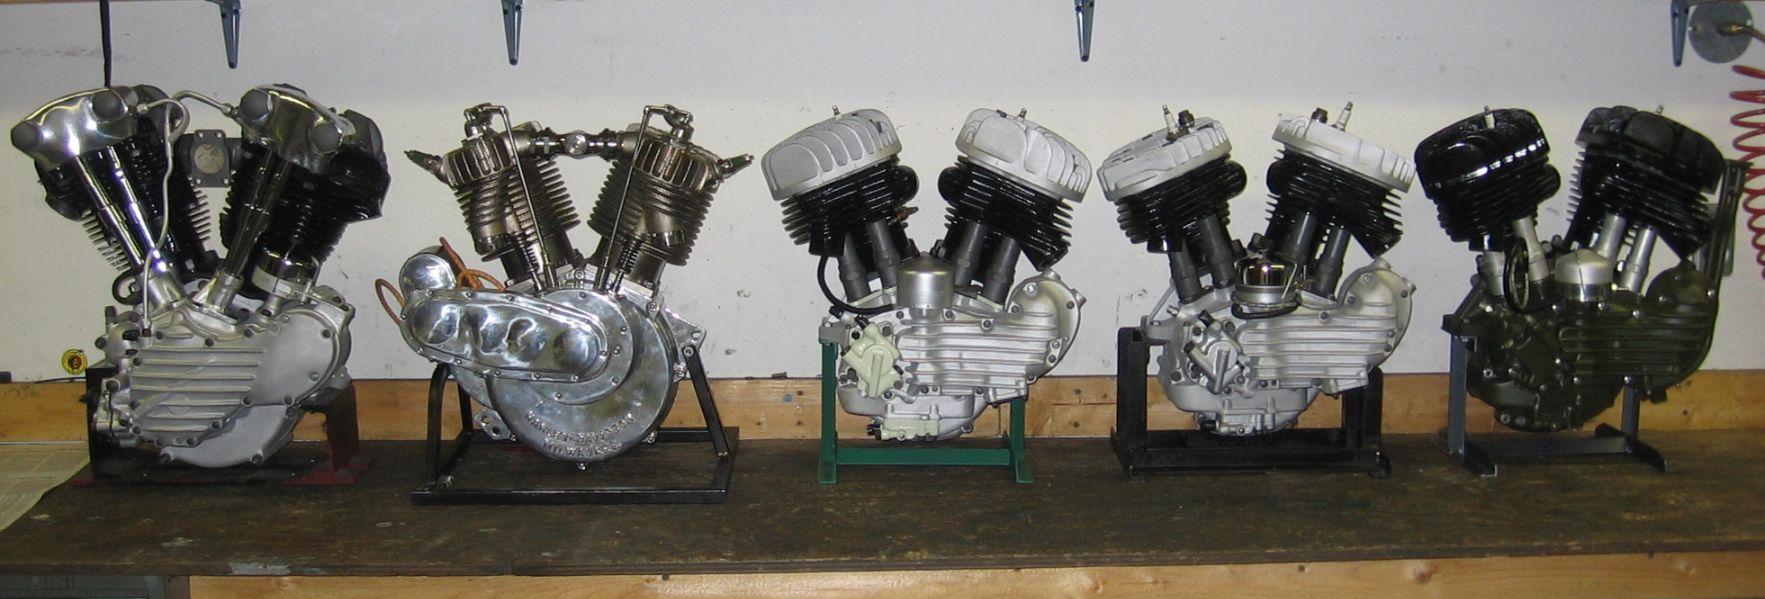 vintage motorcycle engines | vintage motorcycle restoration